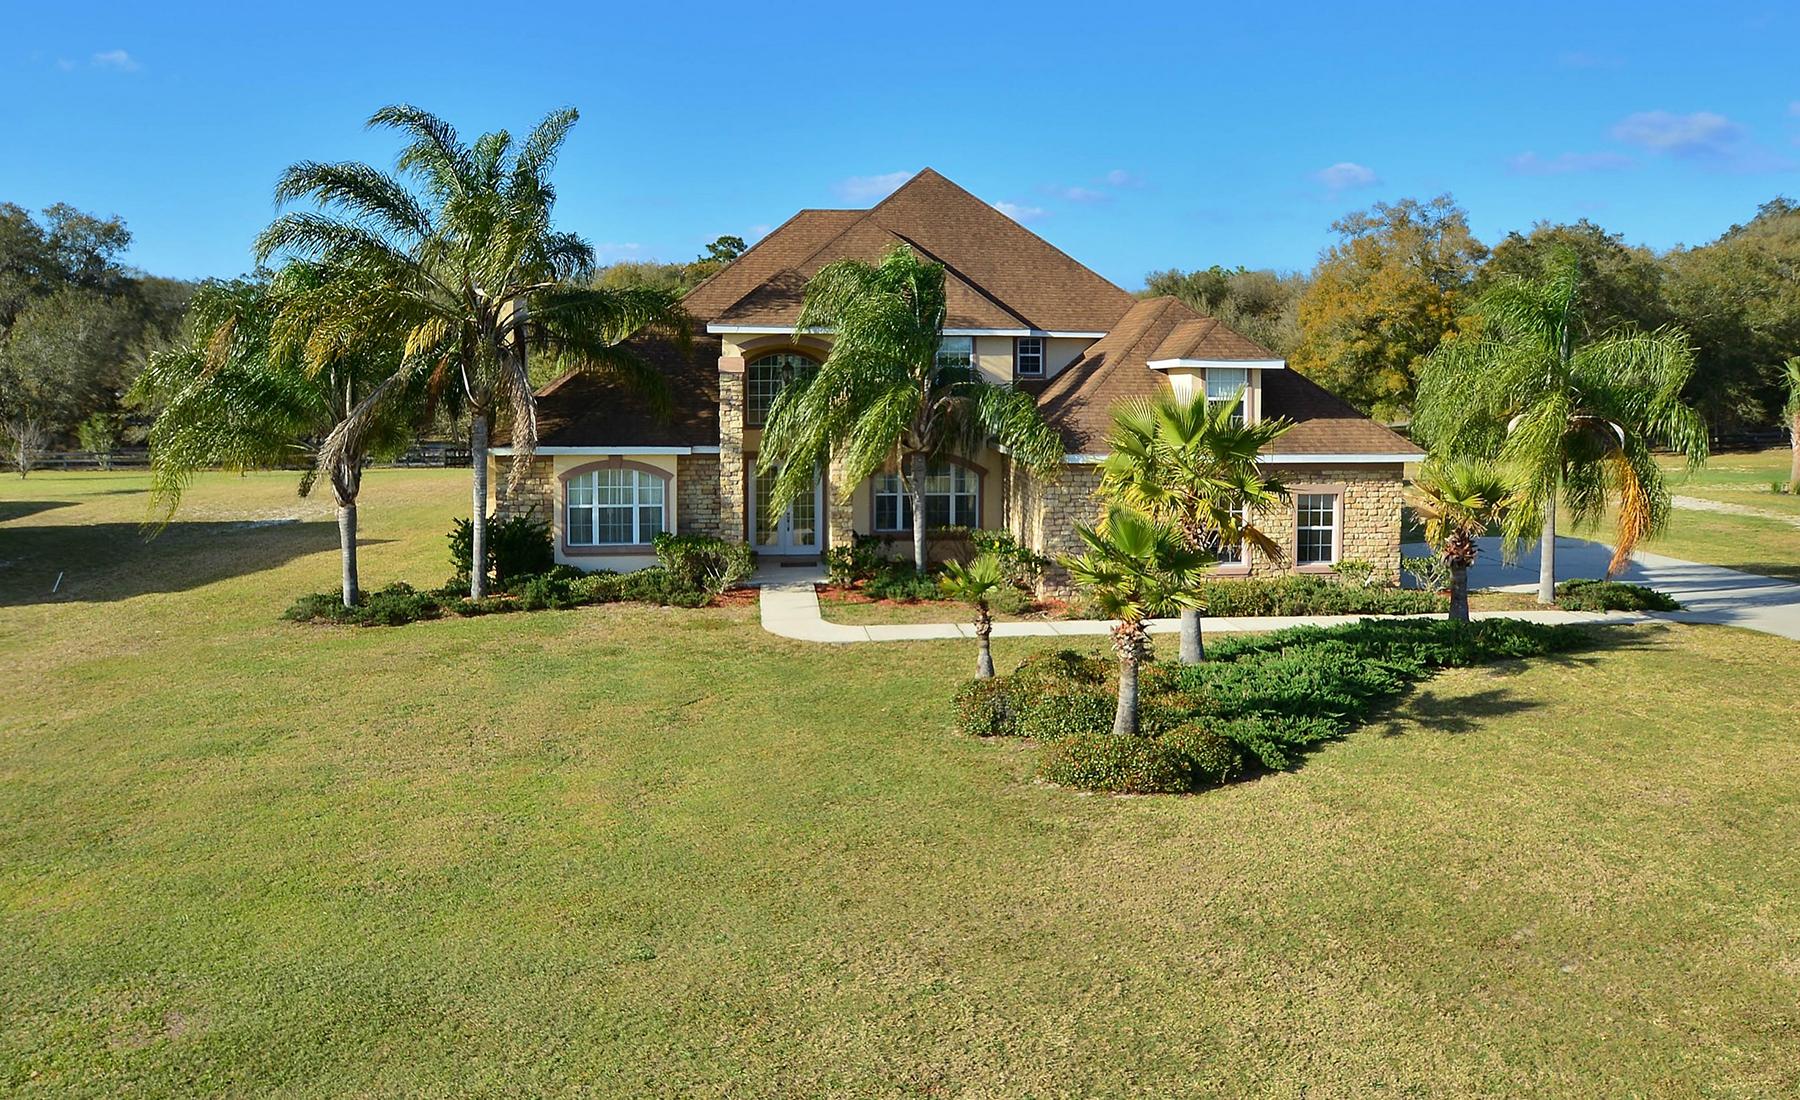 단독 가정 주택 용 매매 에 ORLANDO - DELAND 1421 Shady Meadow Ln Deland, 플로리다, 32724 미국